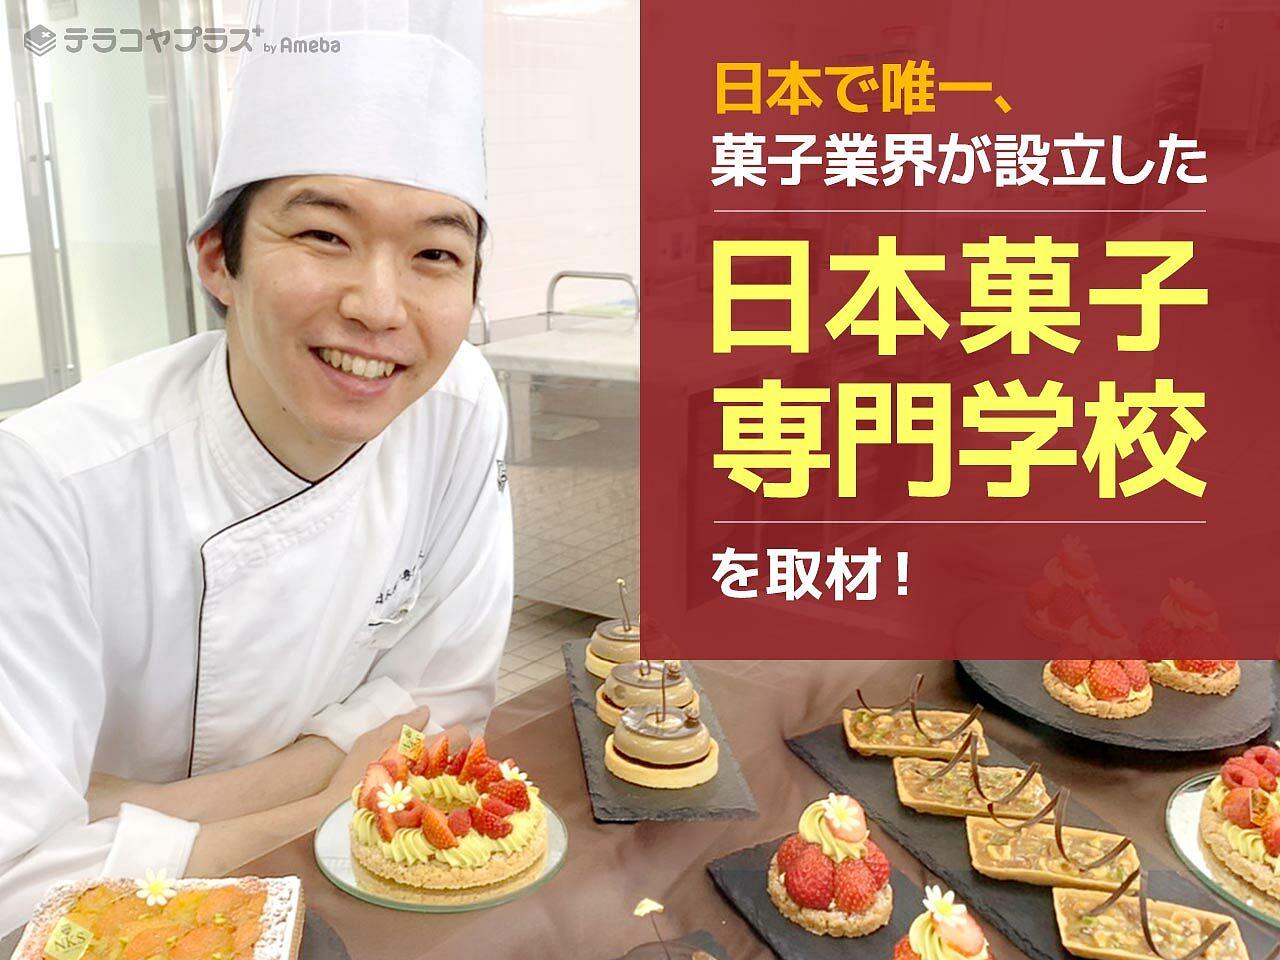 日本で唯一の菓子業界が設立した「日本菓子専門学校」を取材!プロフェッショナルの育成の秘訣とはの画像